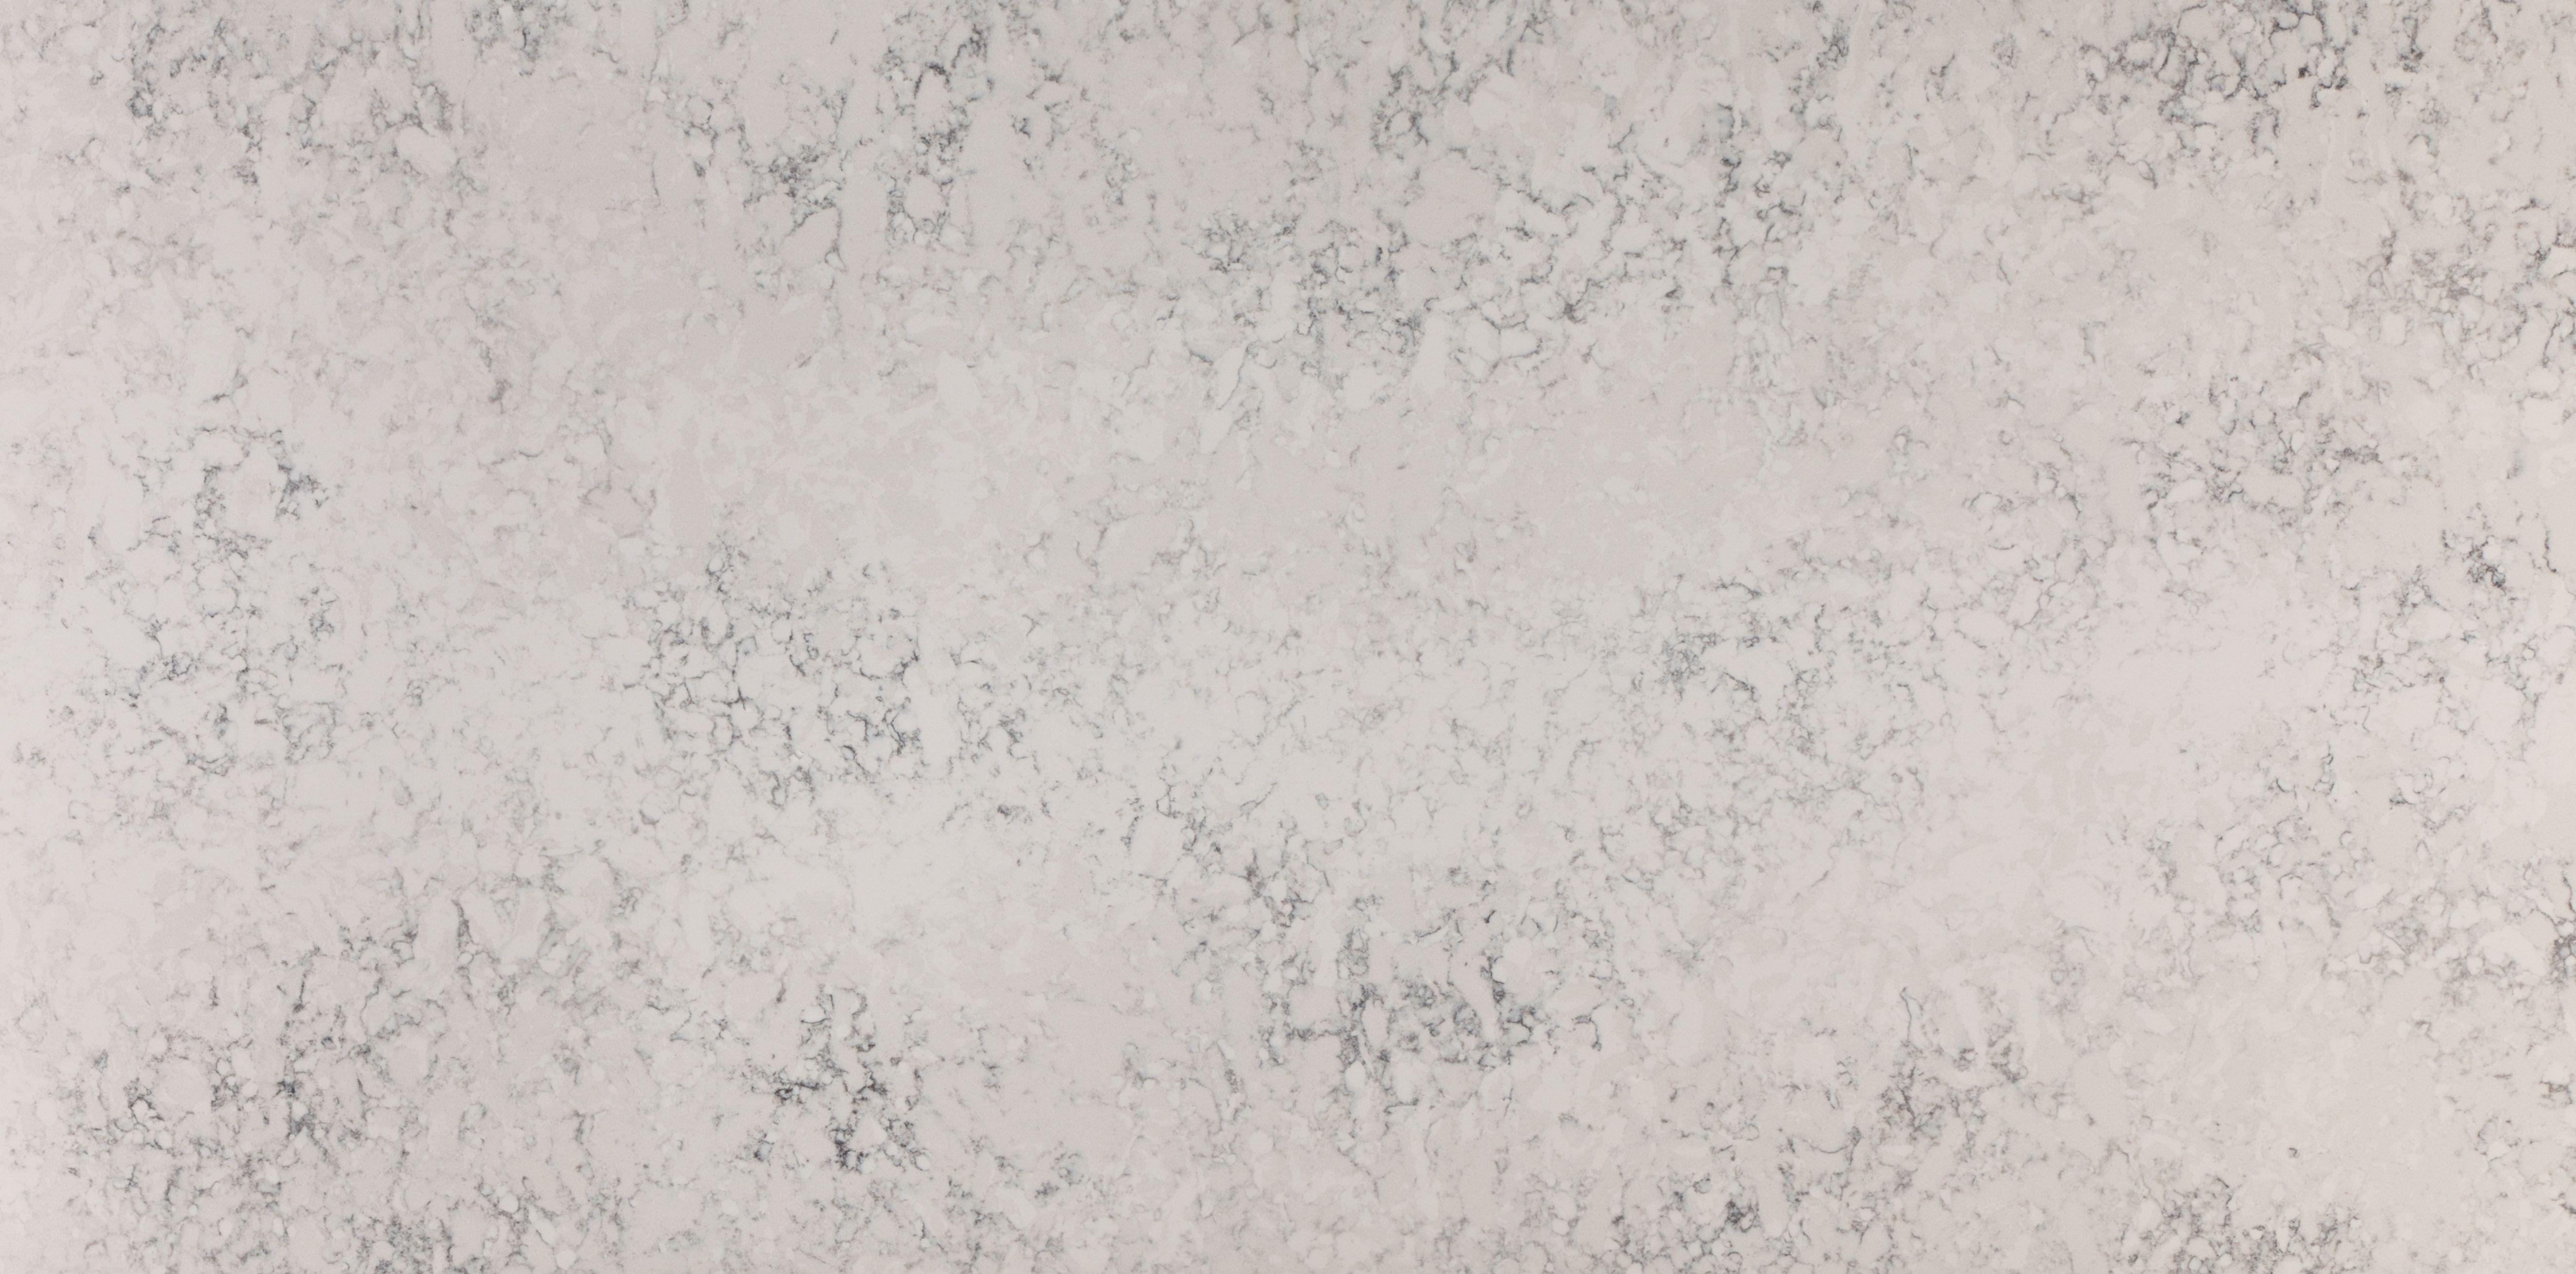 Contador de cuarzo de color Nebulosa Helix de Silestone